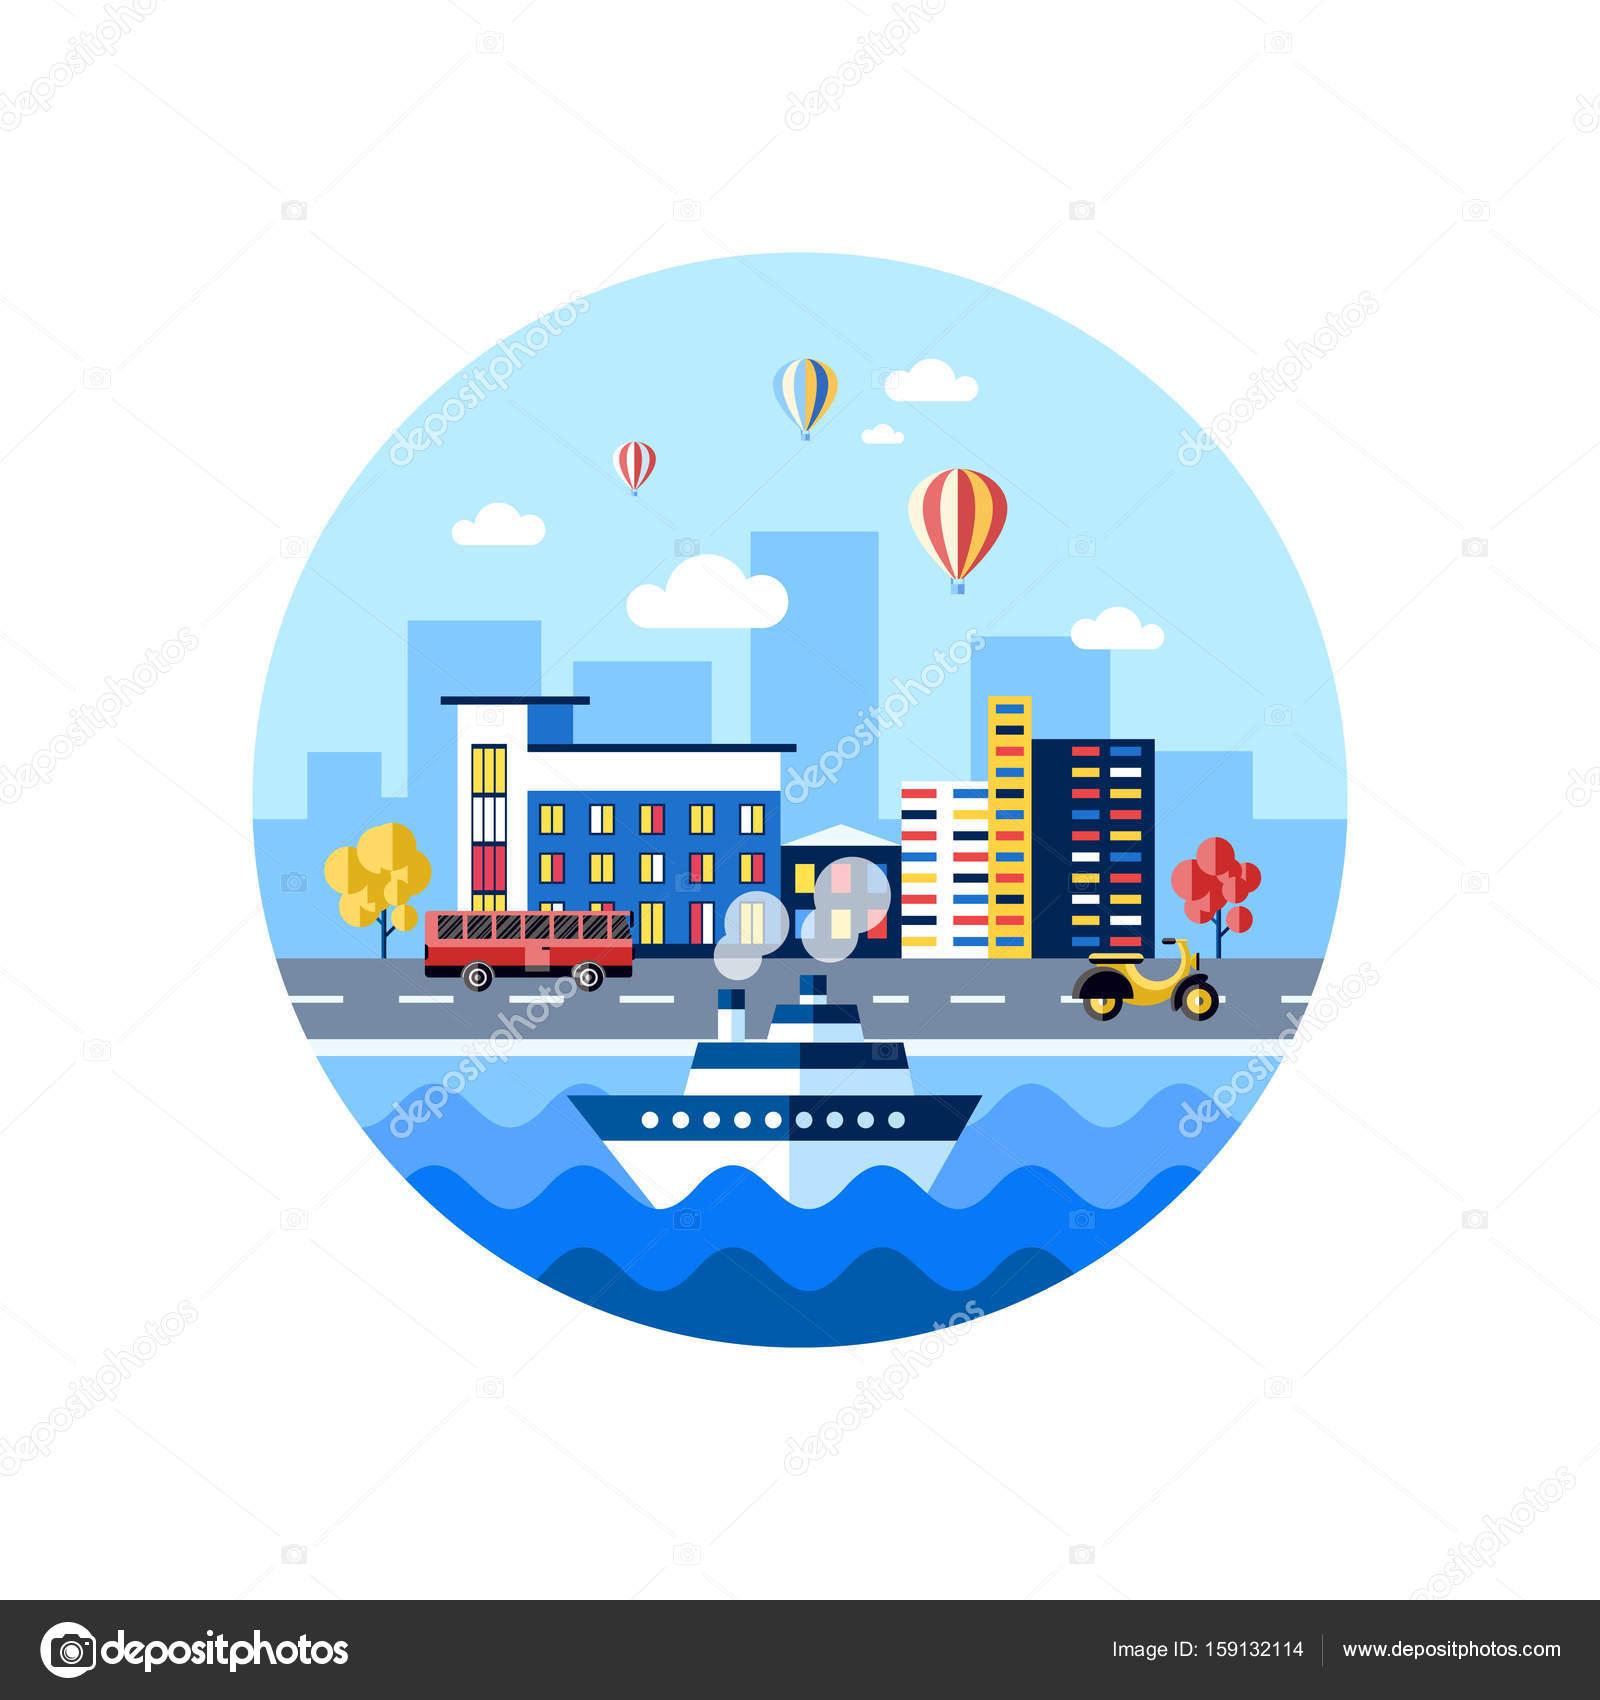 Iconos de transporte vector digital ciudad azul — Archivo Imágenes ...